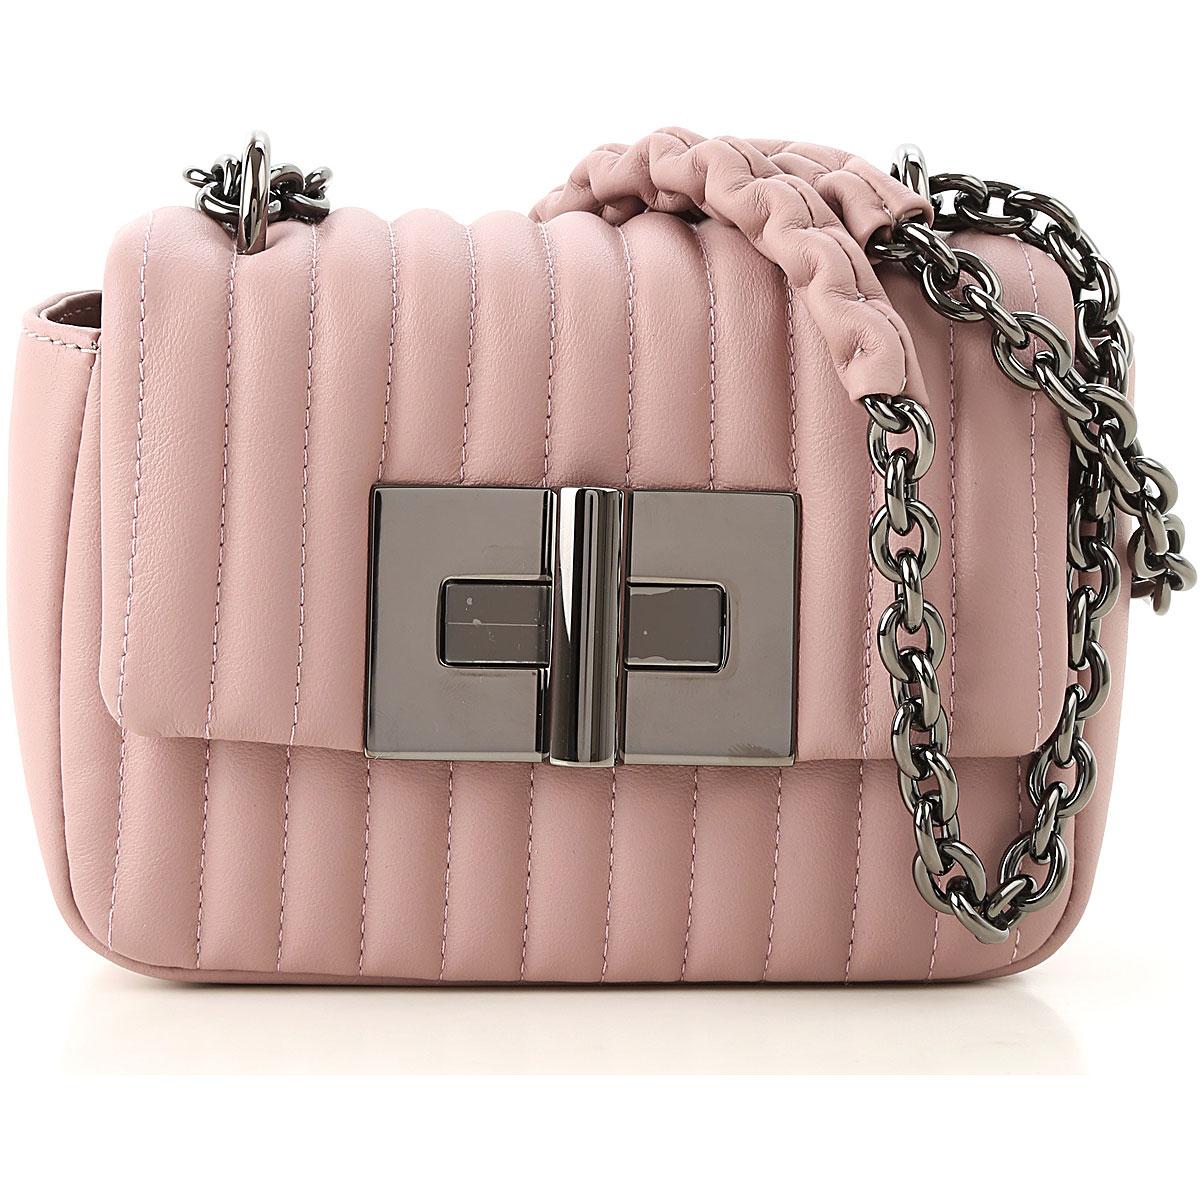 Image of Tom Ford Shoulder Bag for Women, Pink, Leather, 2017